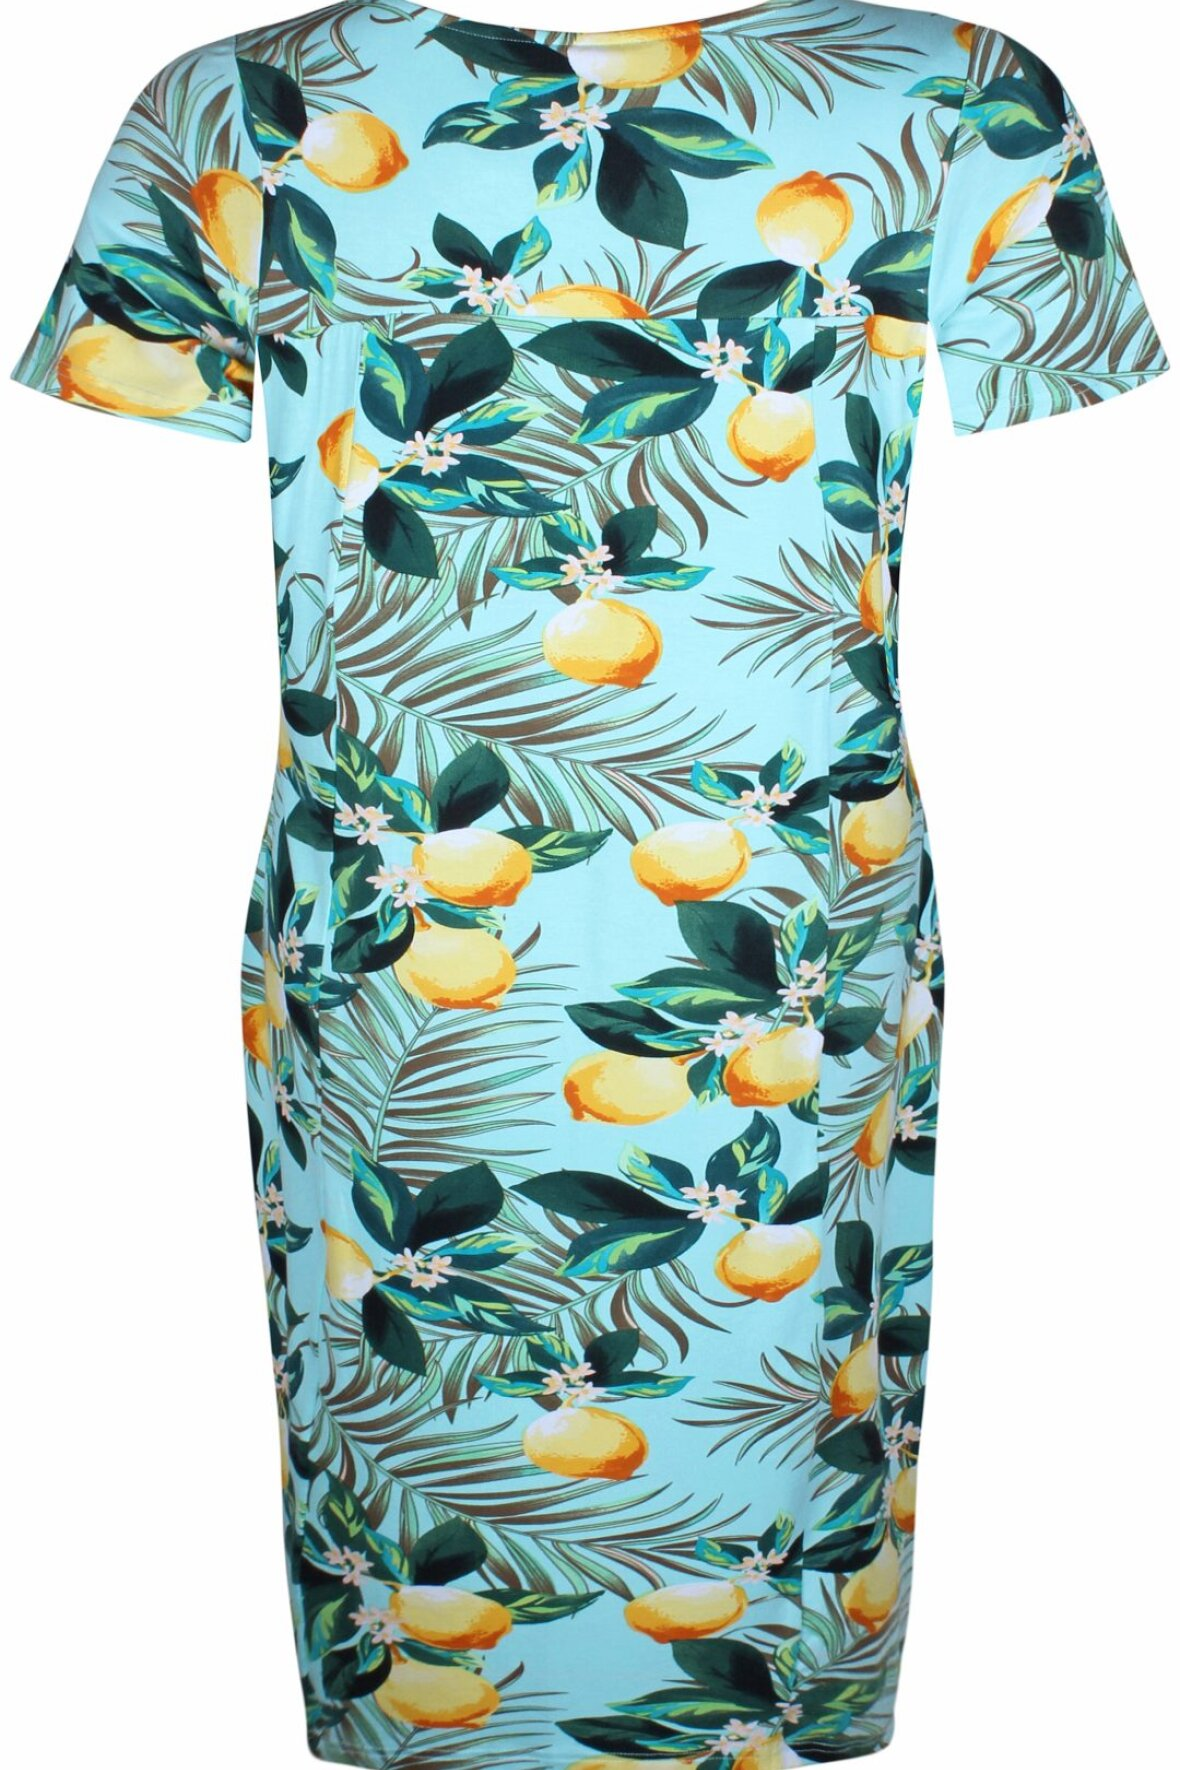 Zhenzi lisbeth kjole lemons smuk sommerkjole til dig med